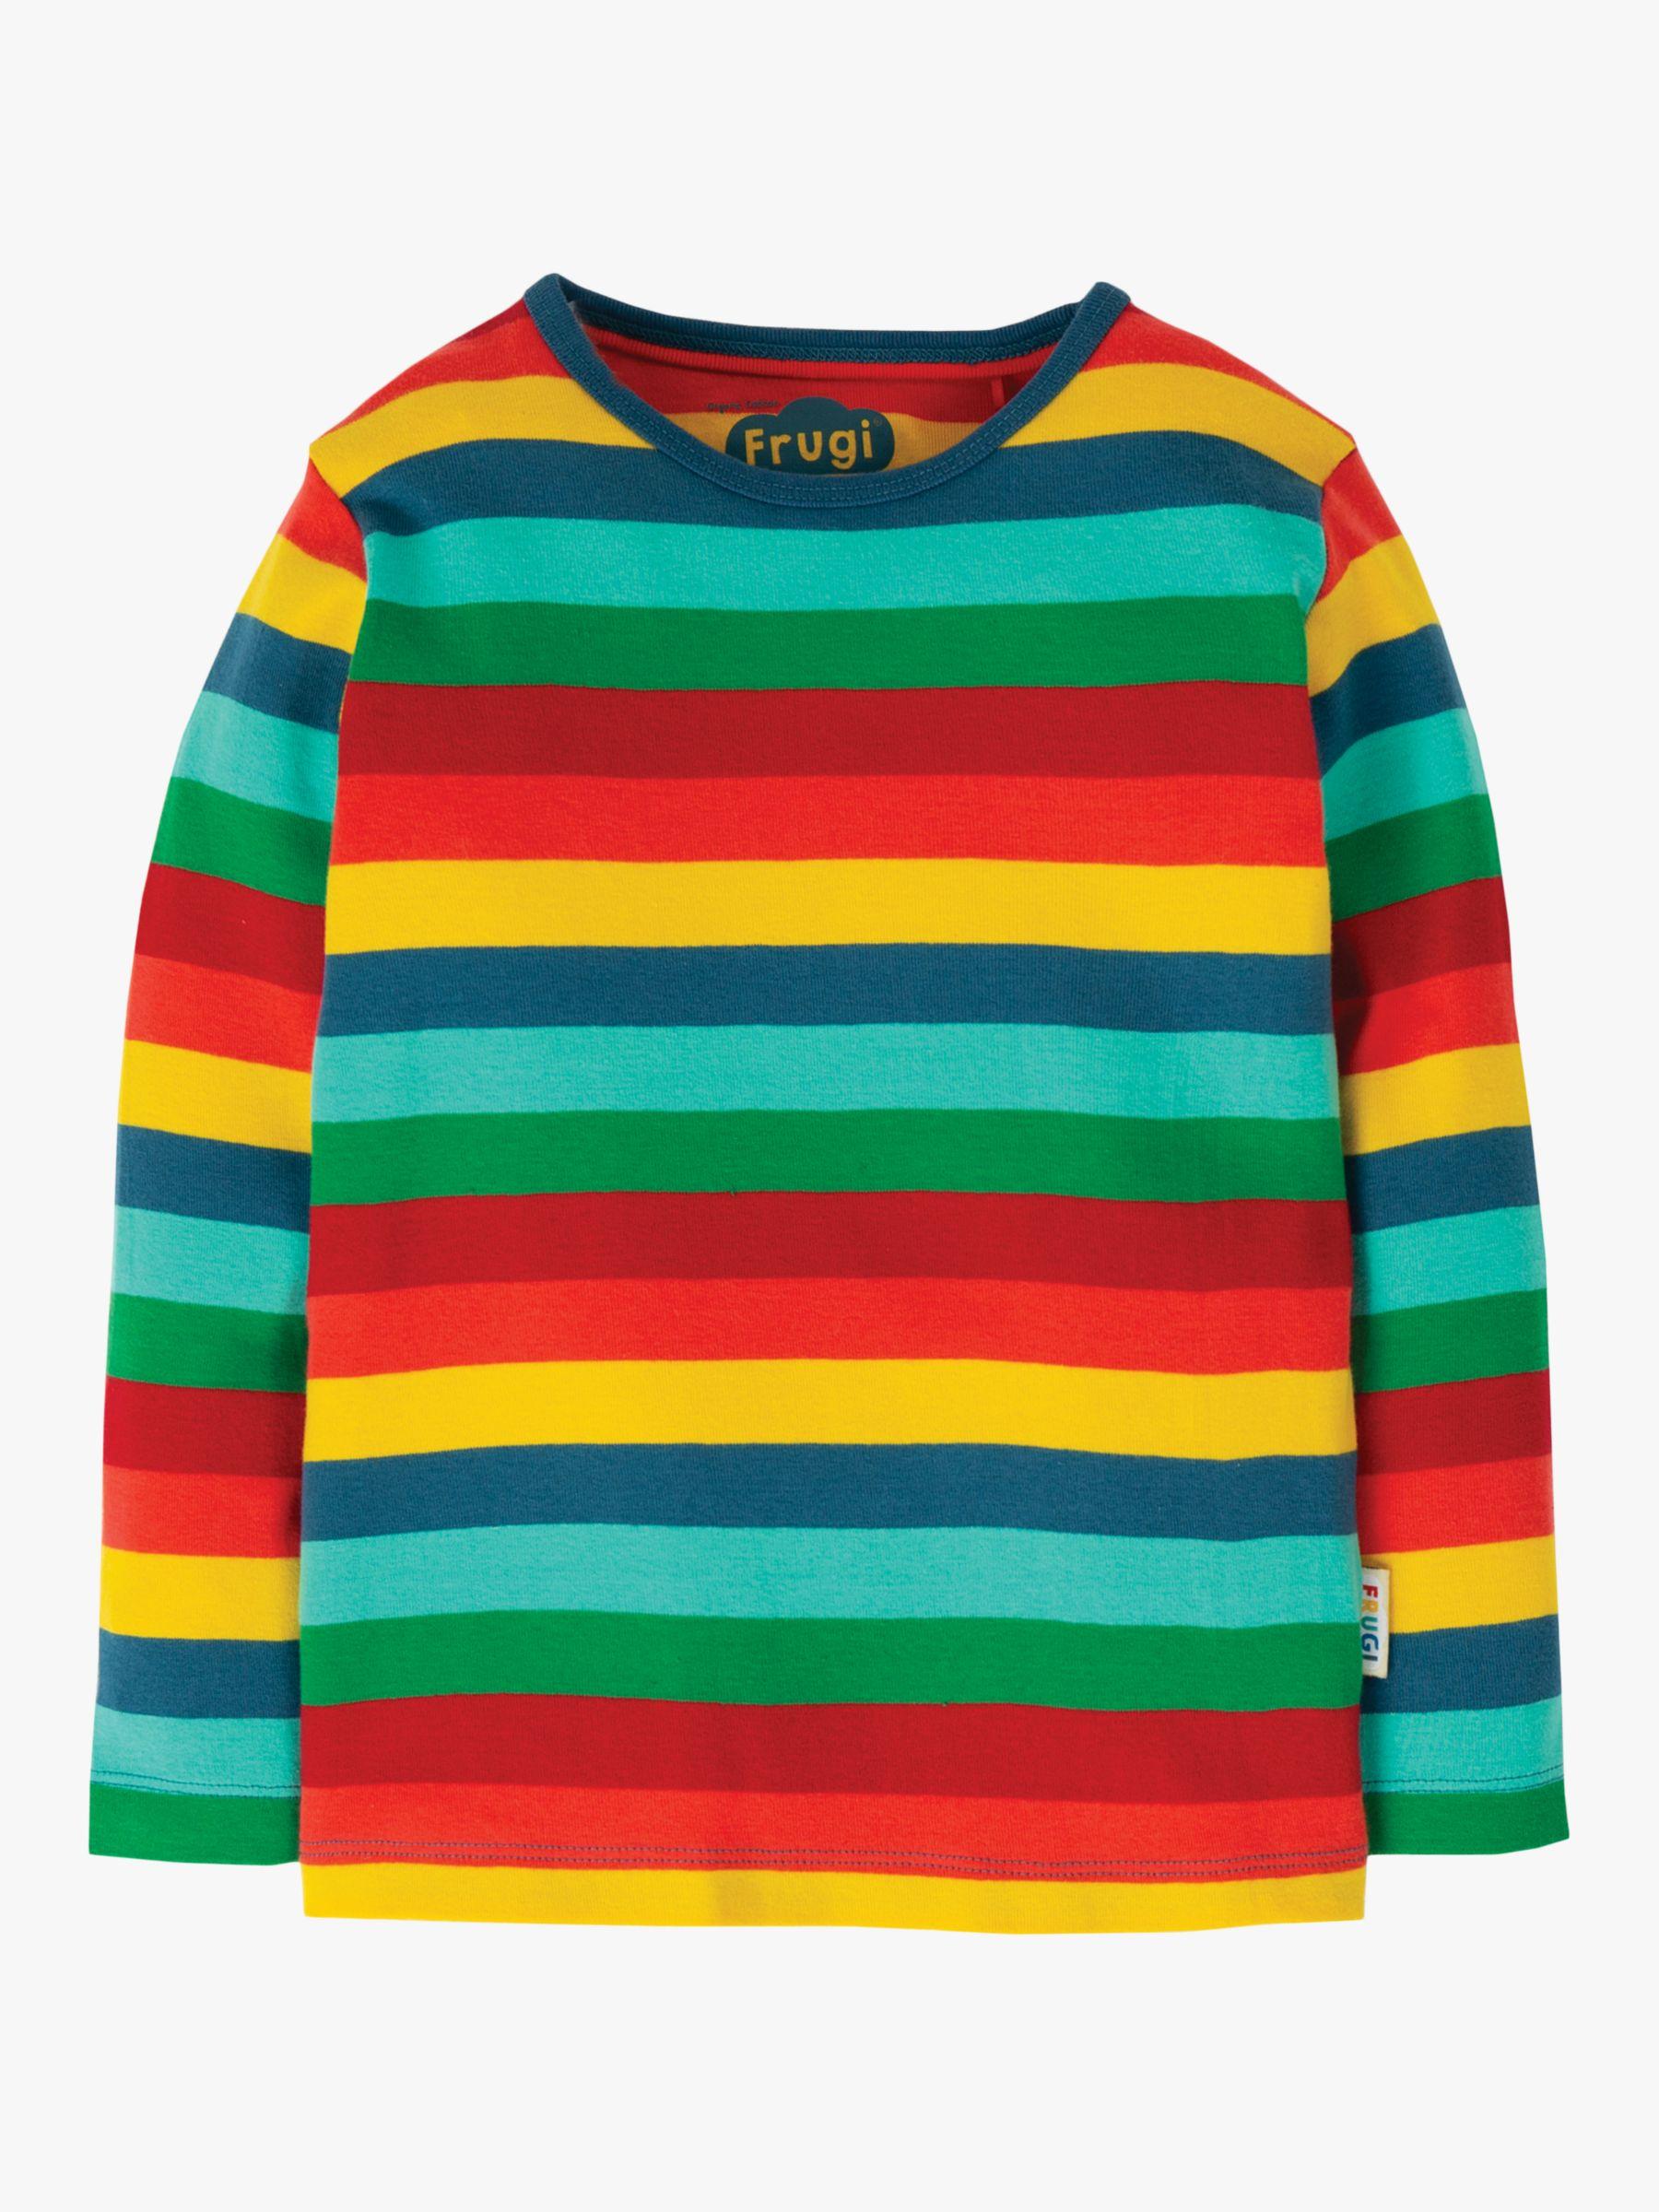 Frugi Frugi Children's GOTS Organic Cotton Stripe Top, Multi